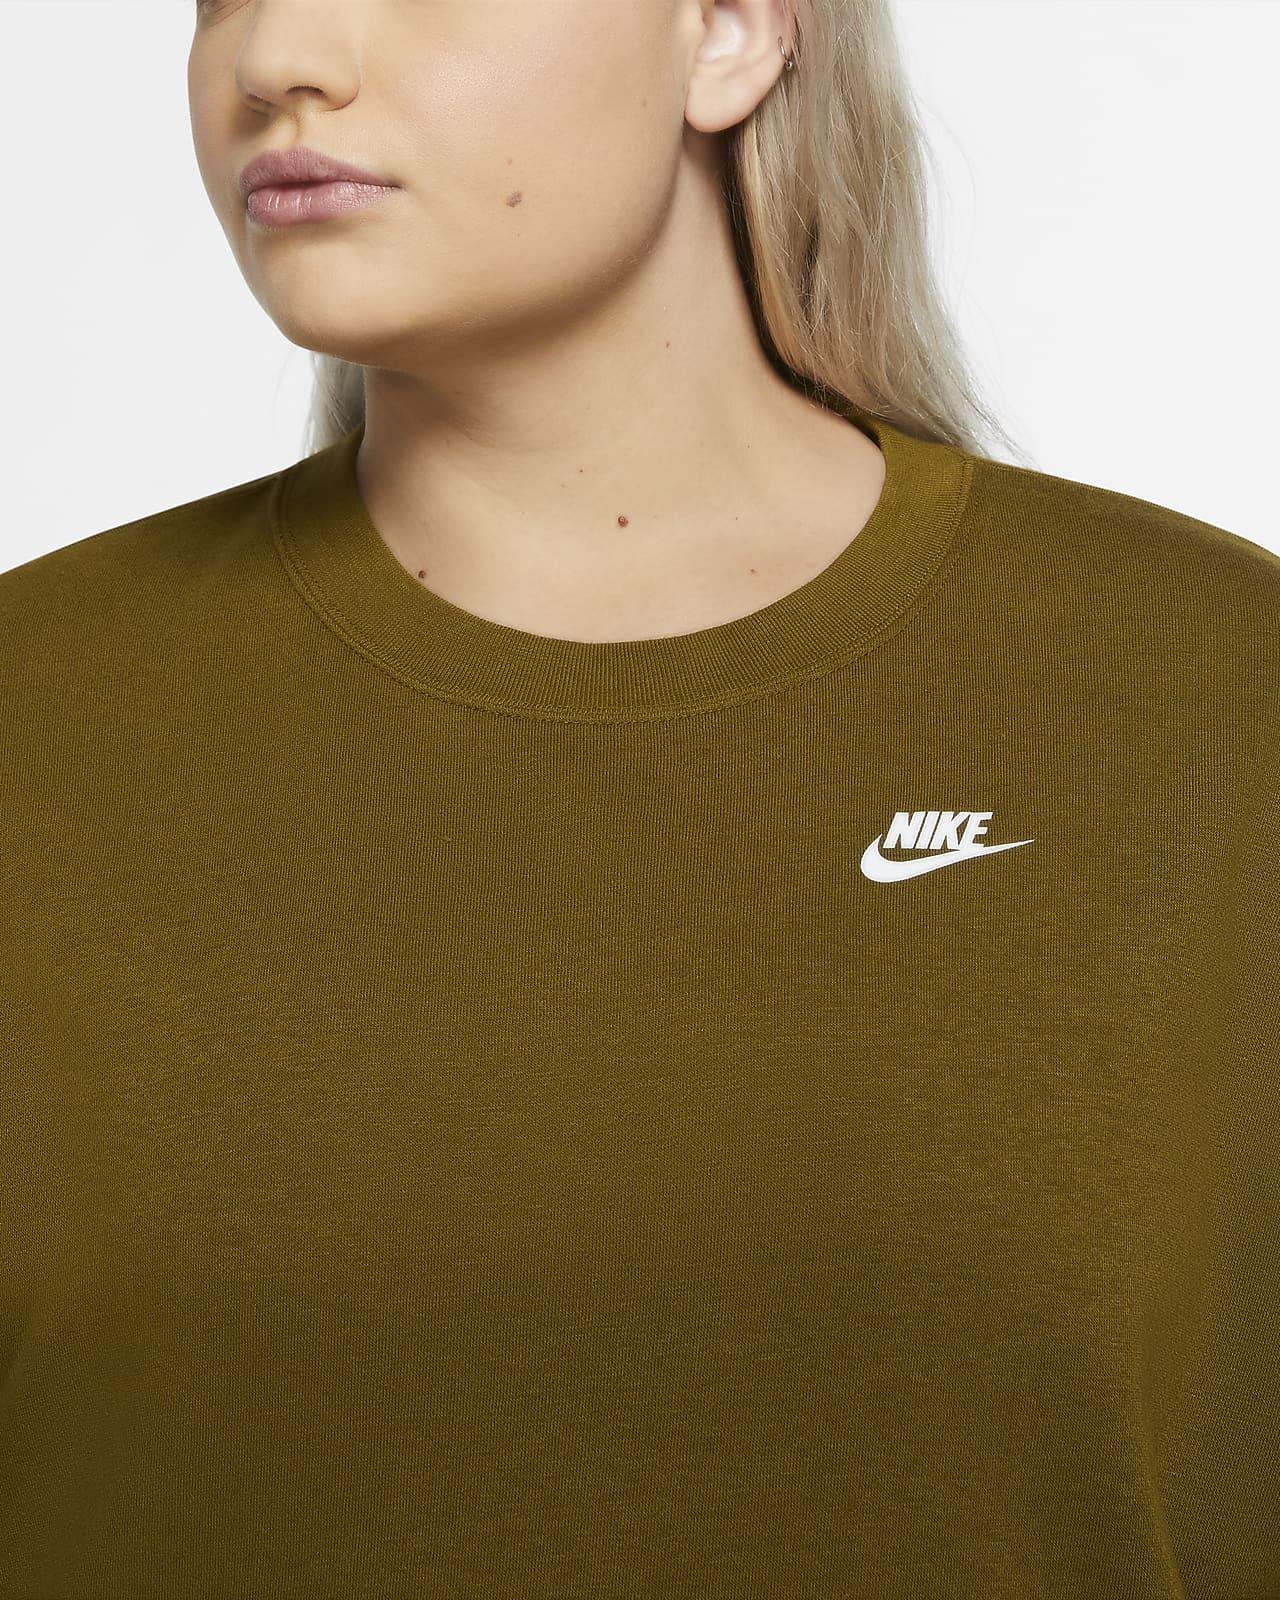 Resignación toxicidad desmayarse  Camiseta de cuello redondo para mujer (talla grande) Nike Sportswear Club.  Nike.com